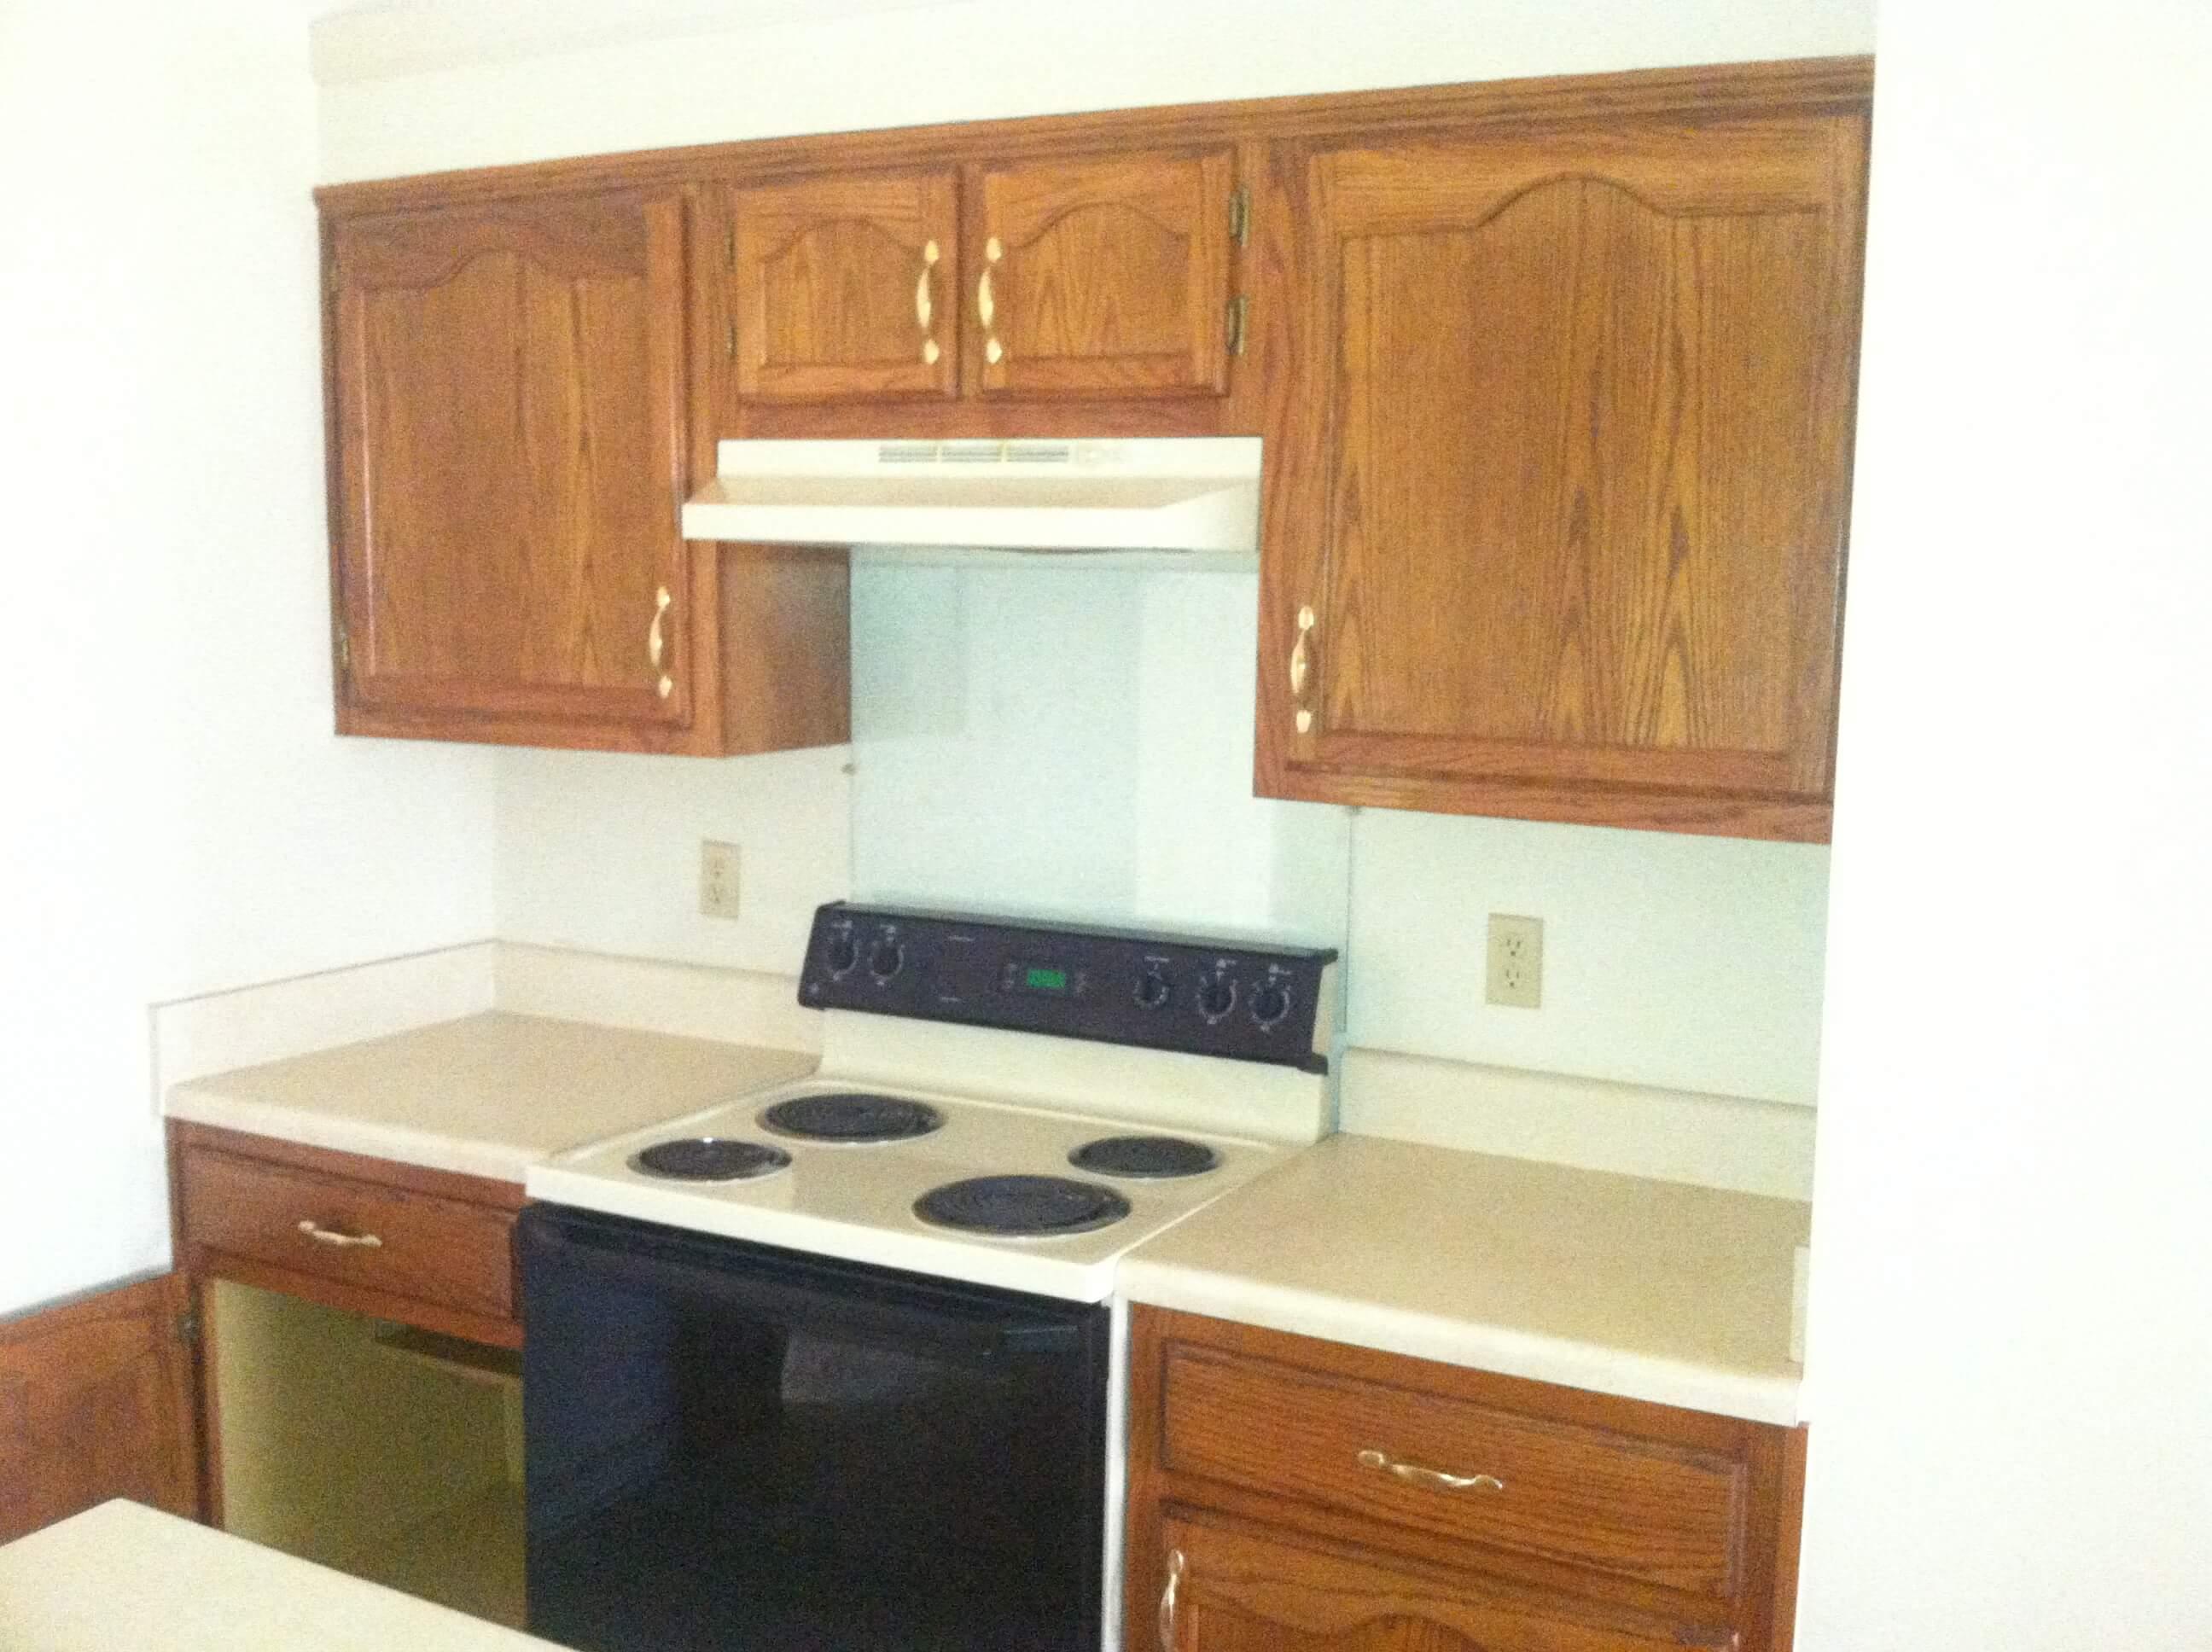 Kitchen-Remodel Rustoleum Countertop Transformations